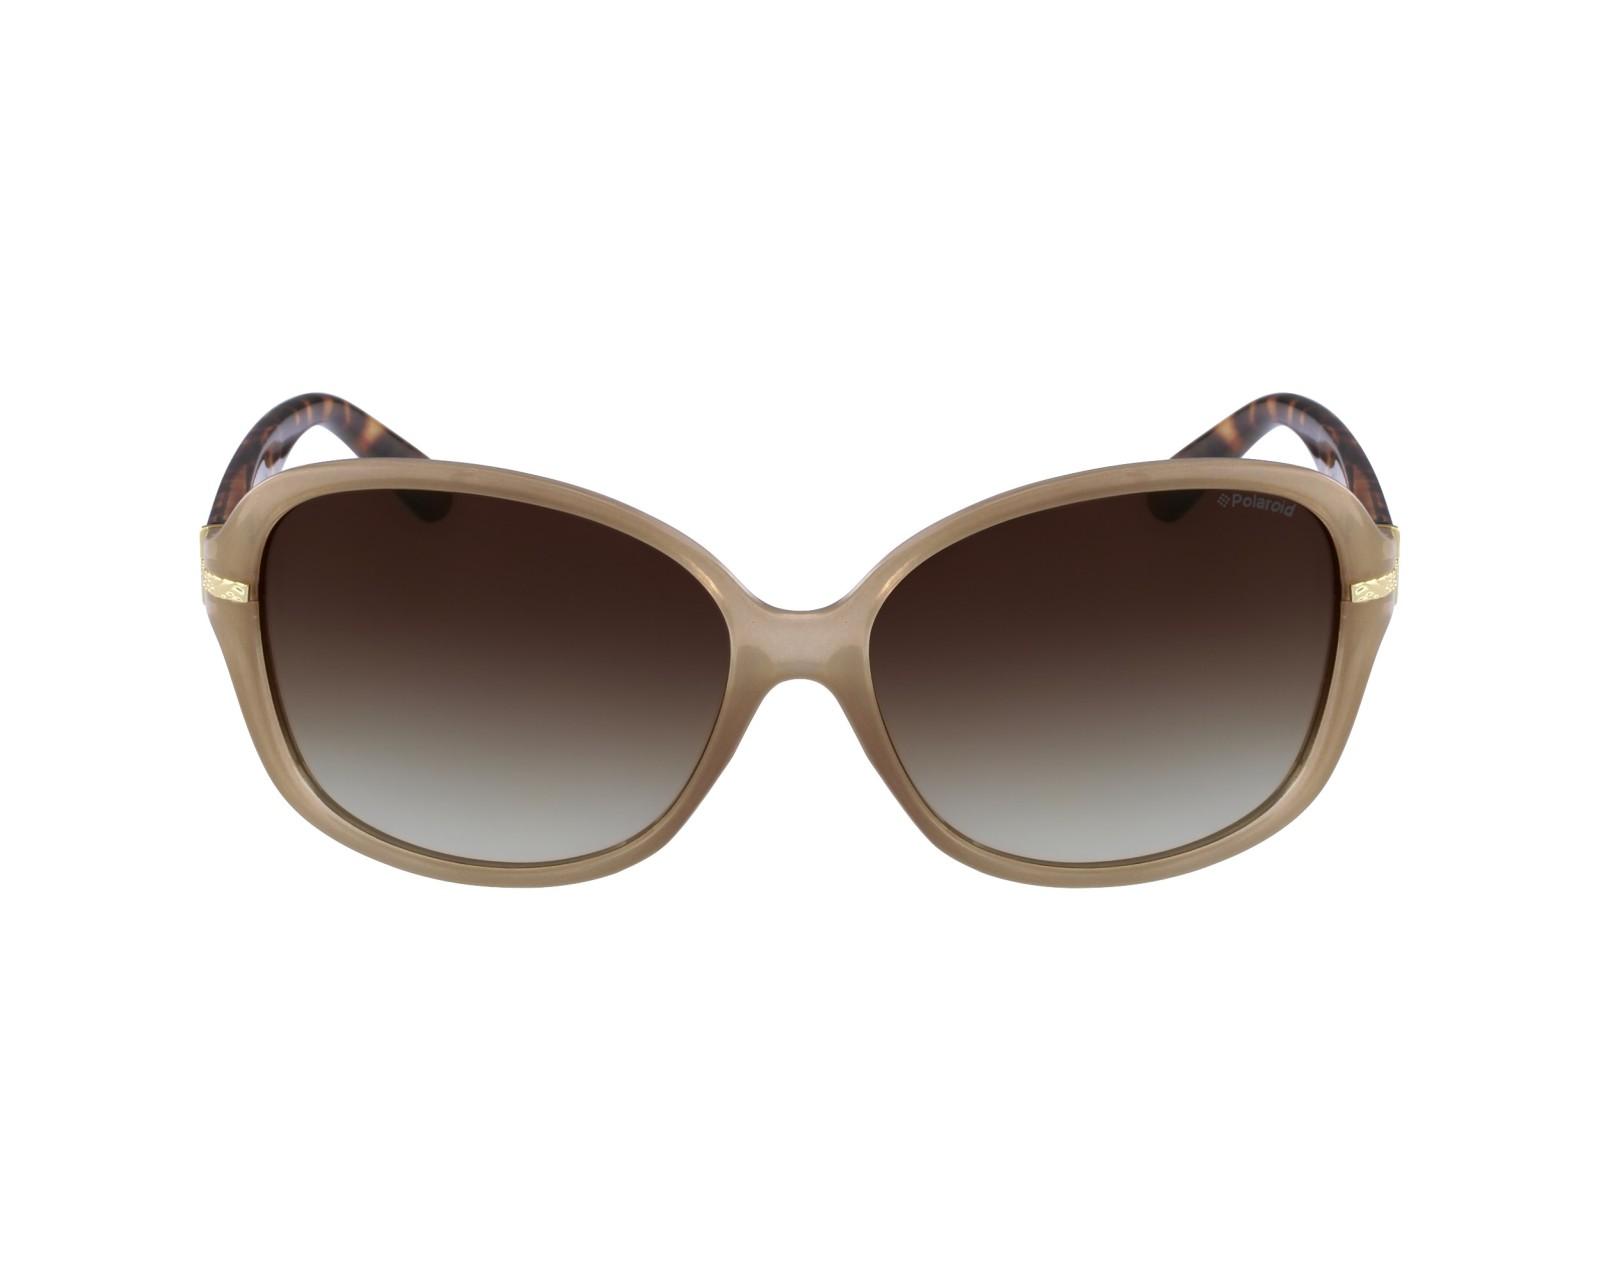 e977207f7e8813 Sunglasses Polaroid P-8419 10A 58-15 Beige profile view